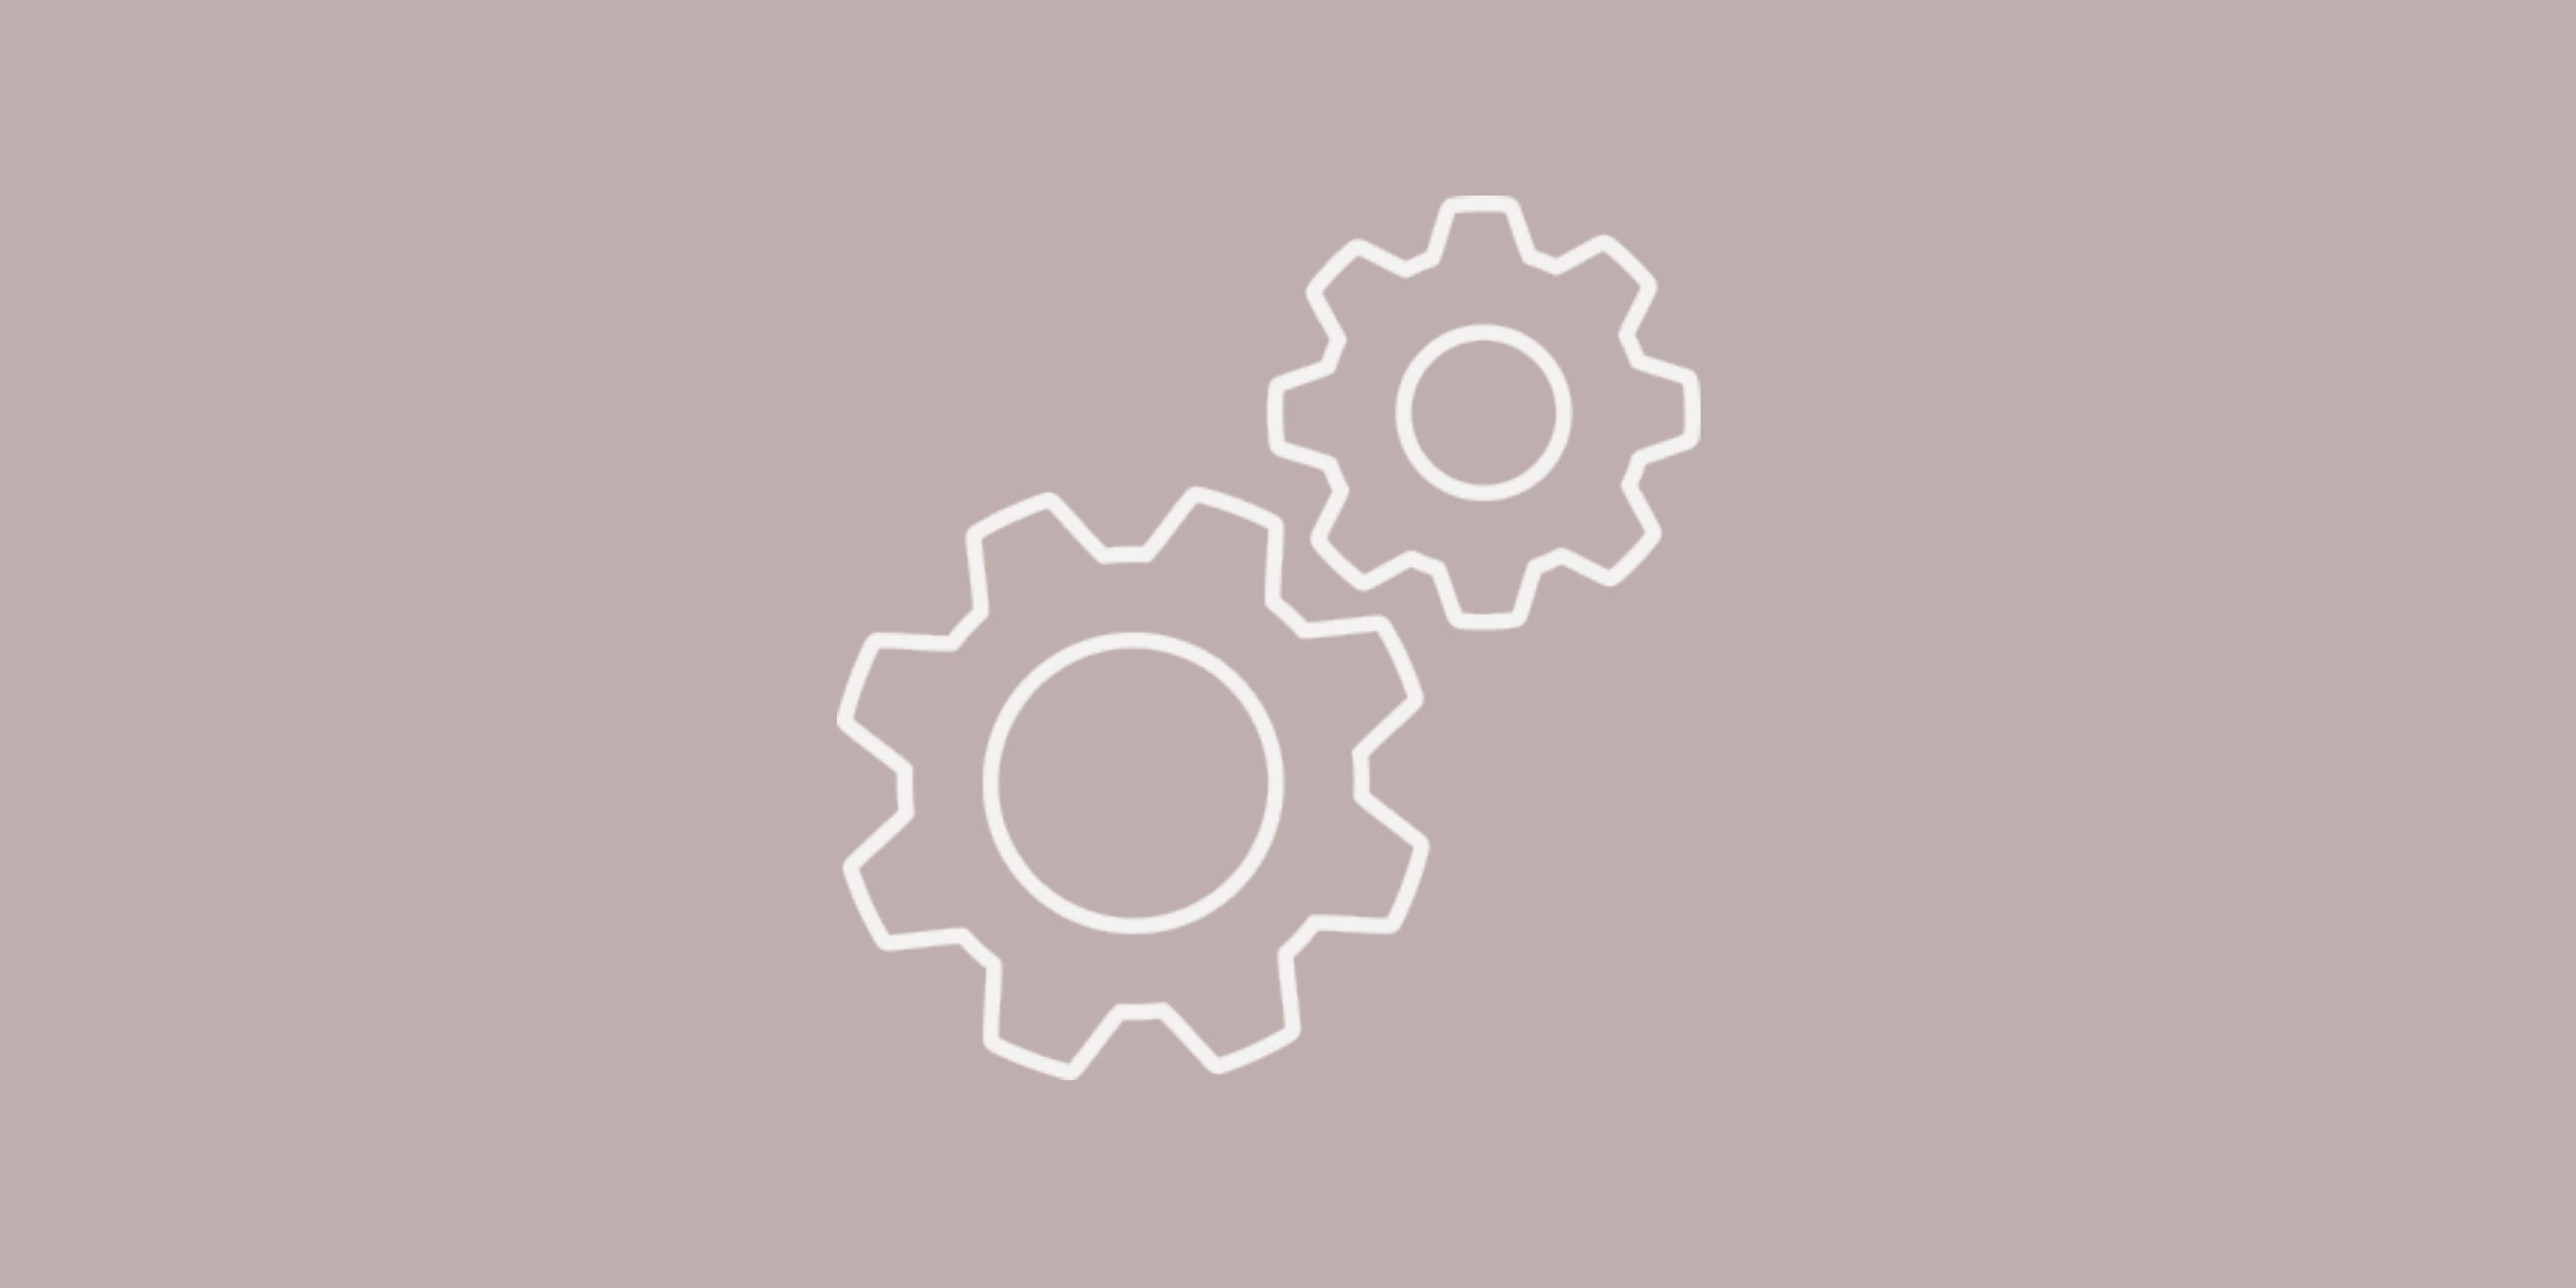 Auf diesem Bild sind zwei Zahnräder zu sehen, die perfekt ineinander laufen. Sie sollen ein Symbol für funktionierende Umsetzung darstellen.